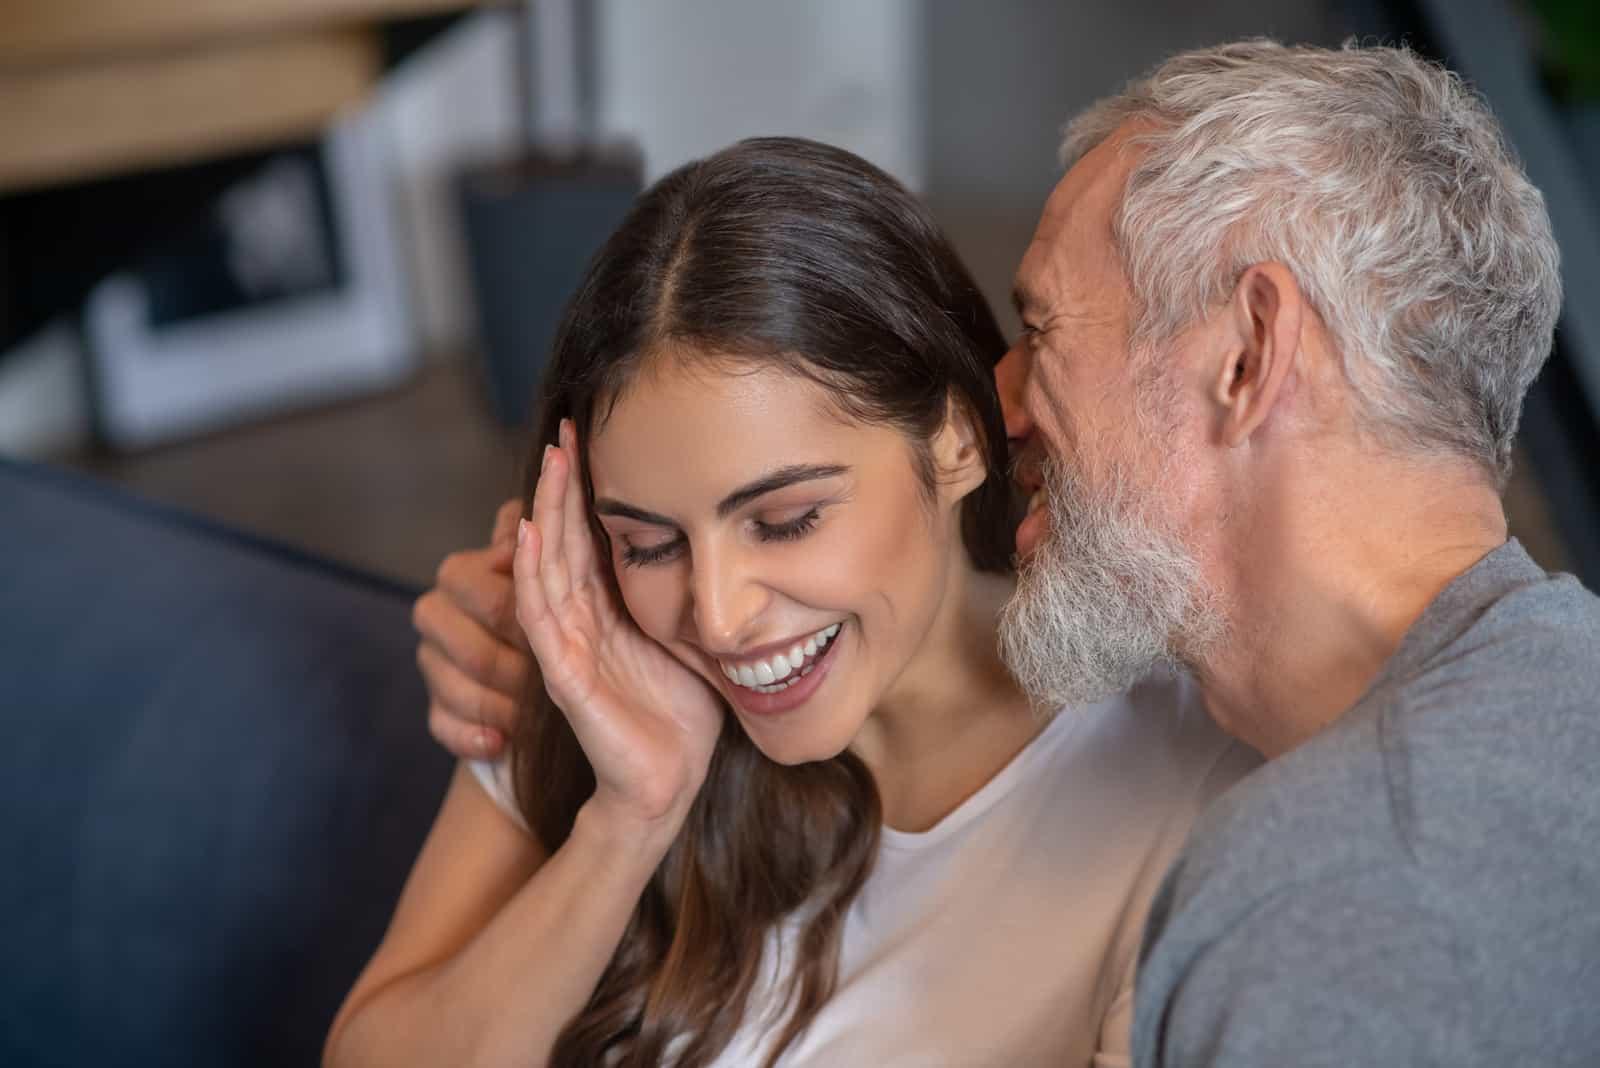 the older man whispers something in the brunette's ear